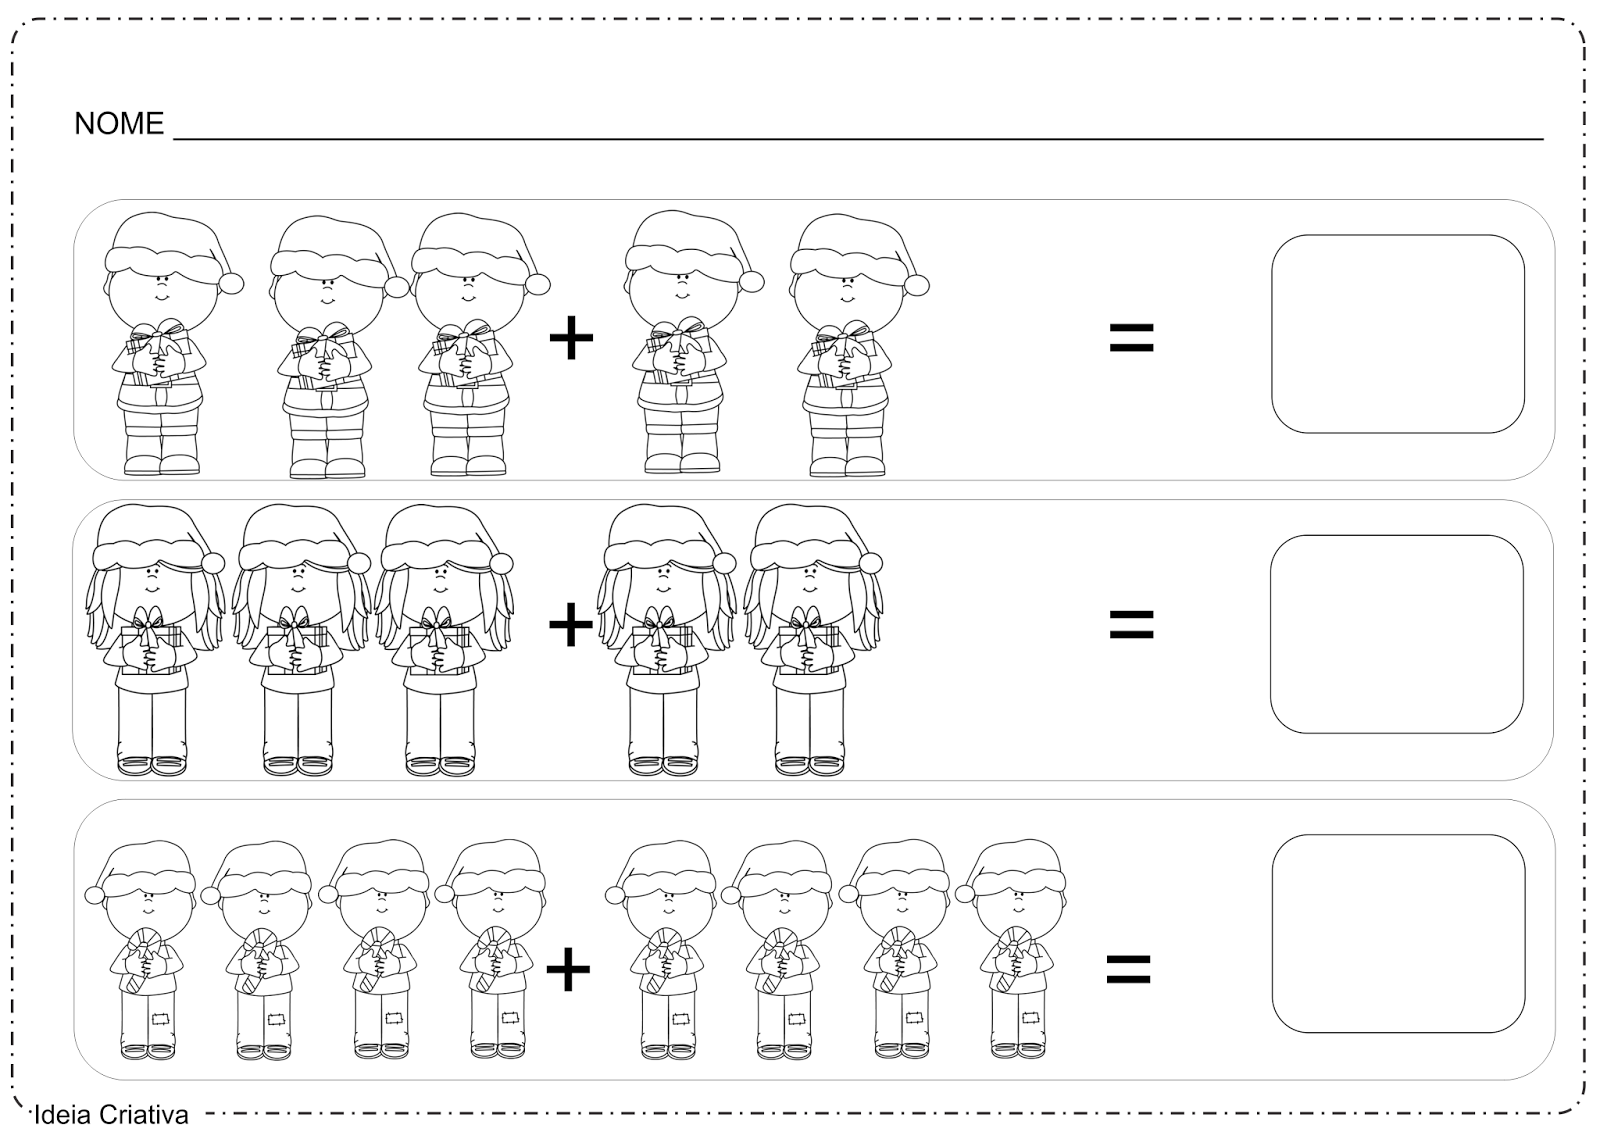 Atividades Natalinas Soma Simples com Figuras